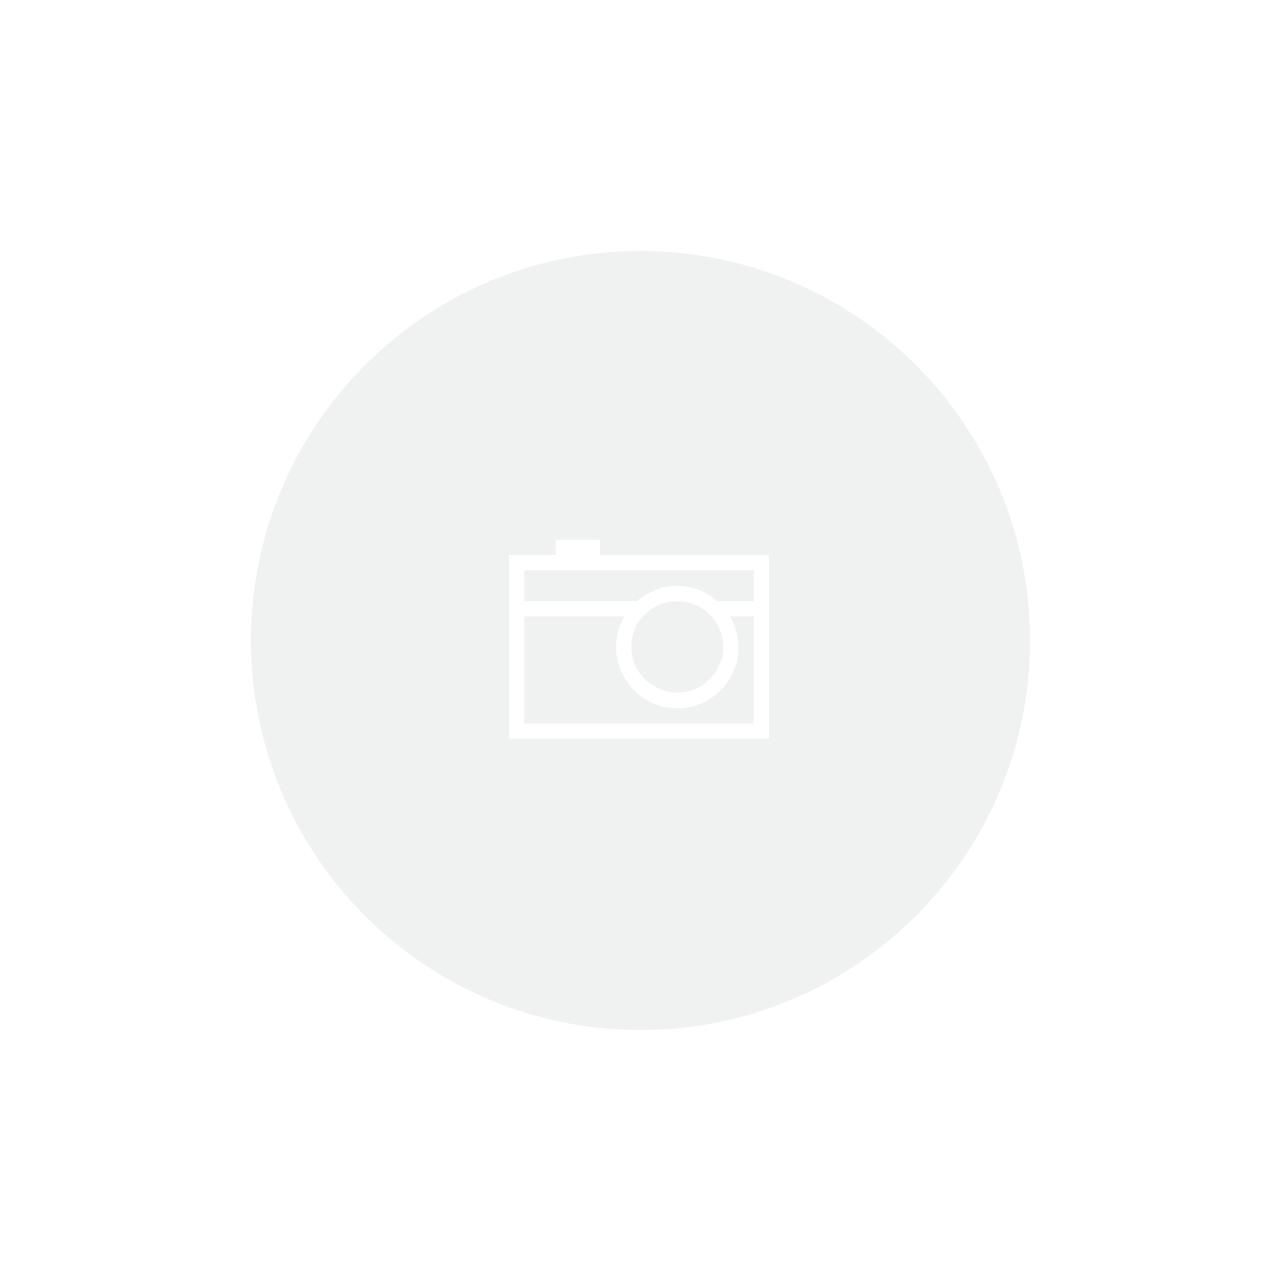 Prensa de canecas cilíndrica - THP - MARCA PAMPA TECH - TOP